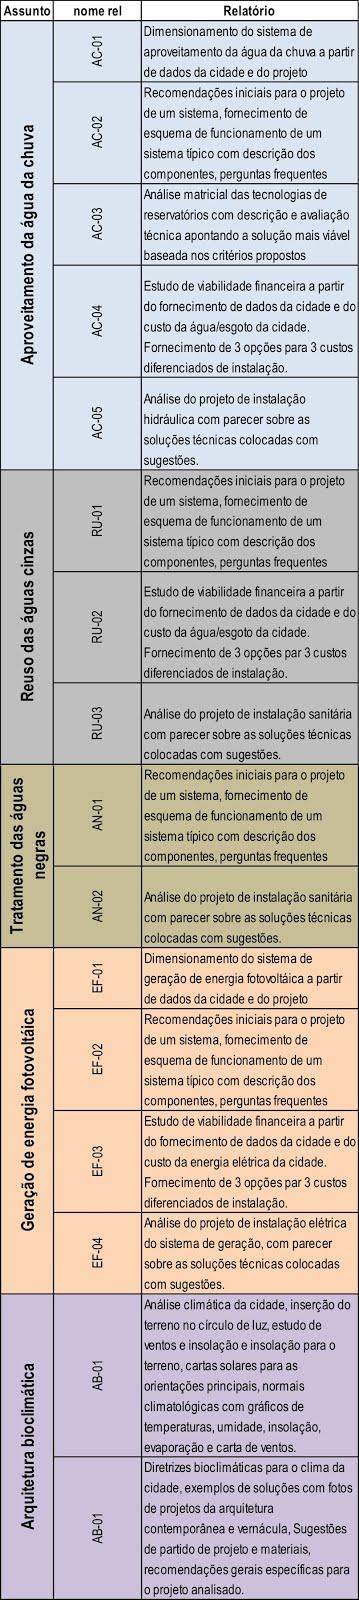 TABELA DE RELATÓRIOS DE CONSULTORIA